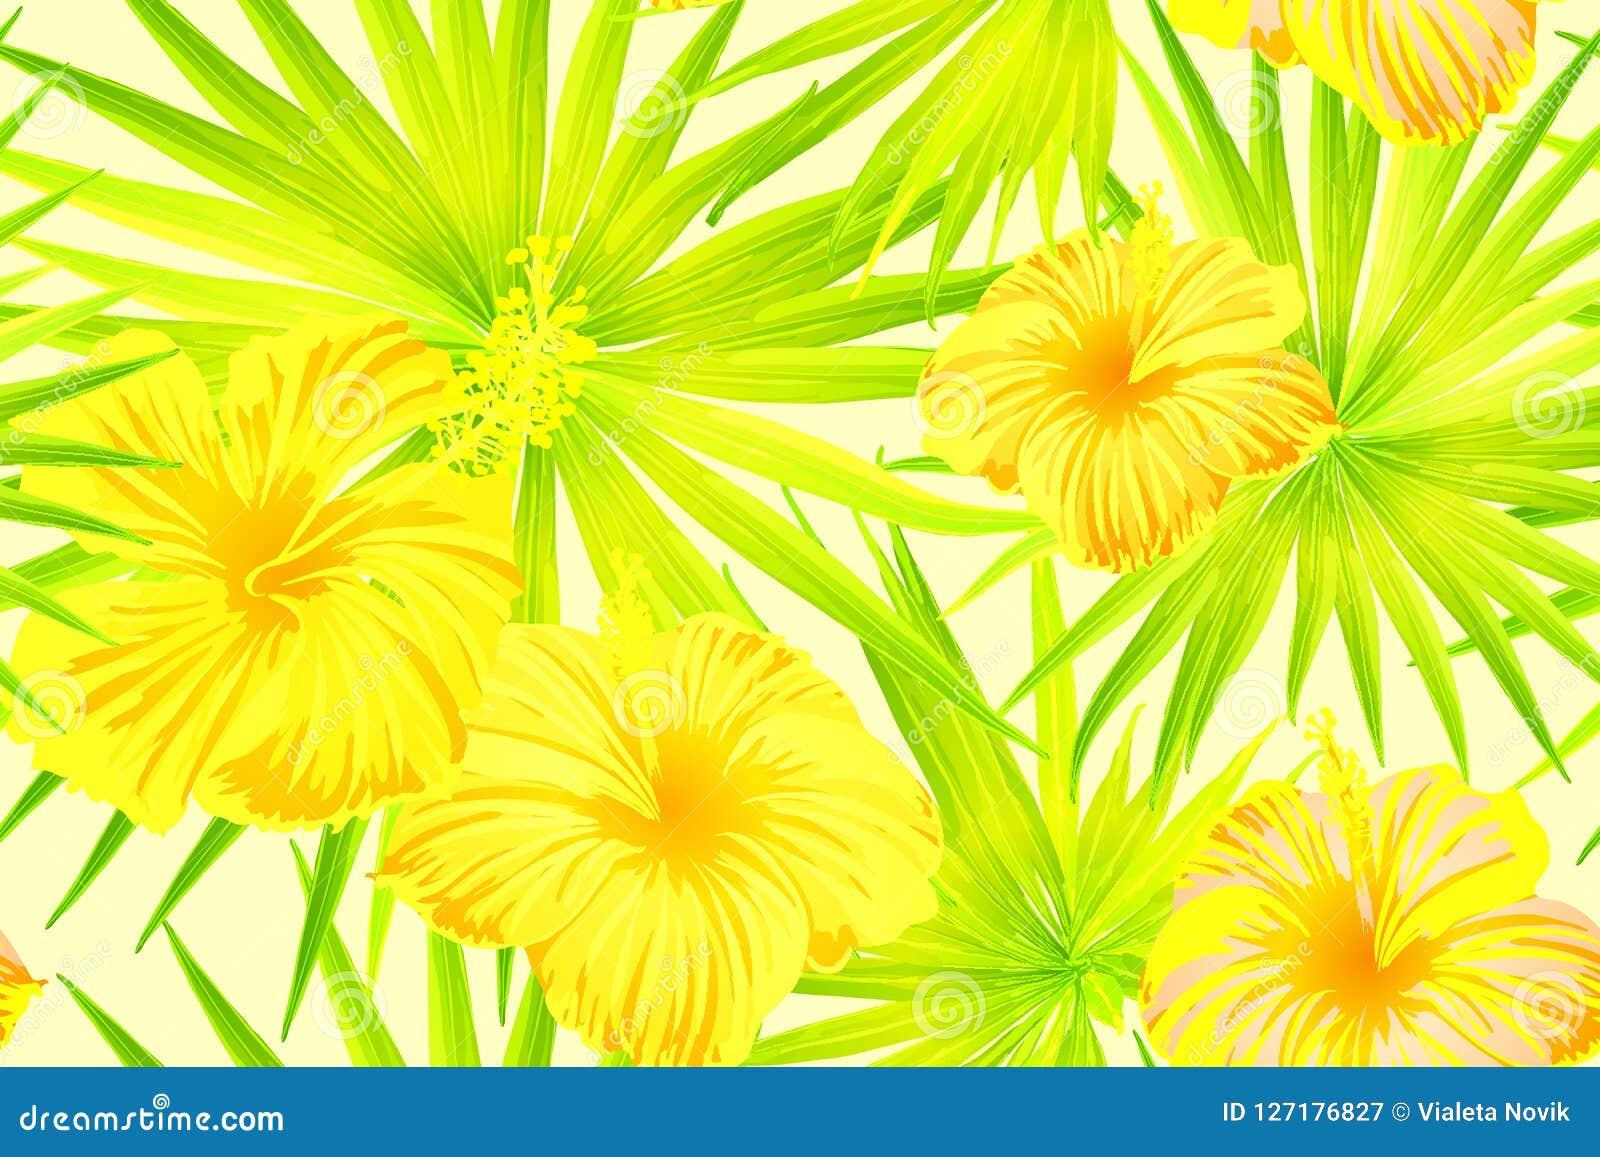 Geel exotisch patroon